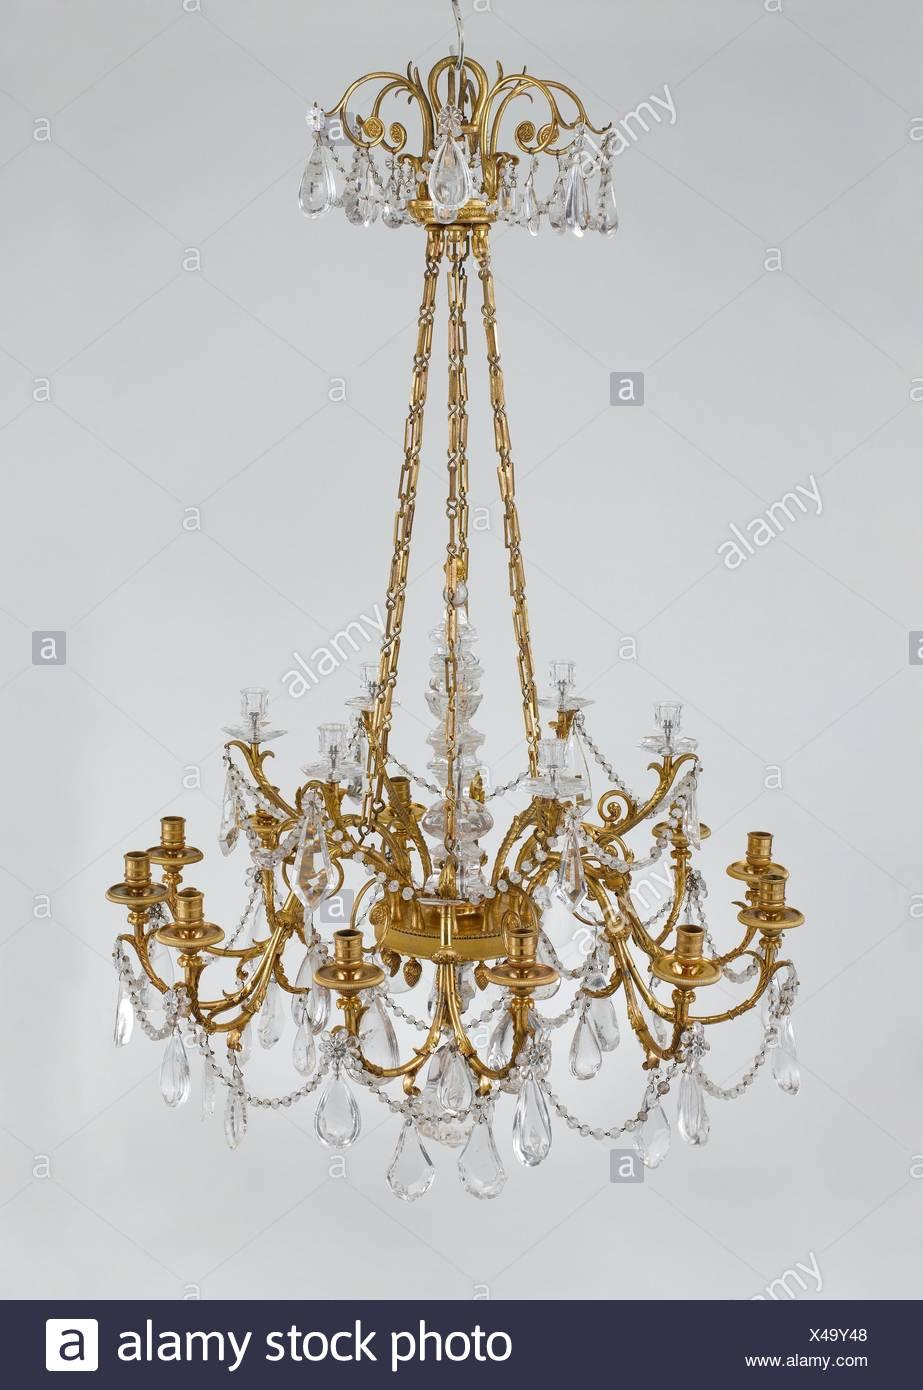 18 Licht Kronleuchter. Datum: Ca. 1790; Kultur: Französisch; Medium:  Vergoldeter Bronze, Bergkristall; Abmessungen: Höhe: 58 In. (147,3 Cm);  Durchmesser: 37